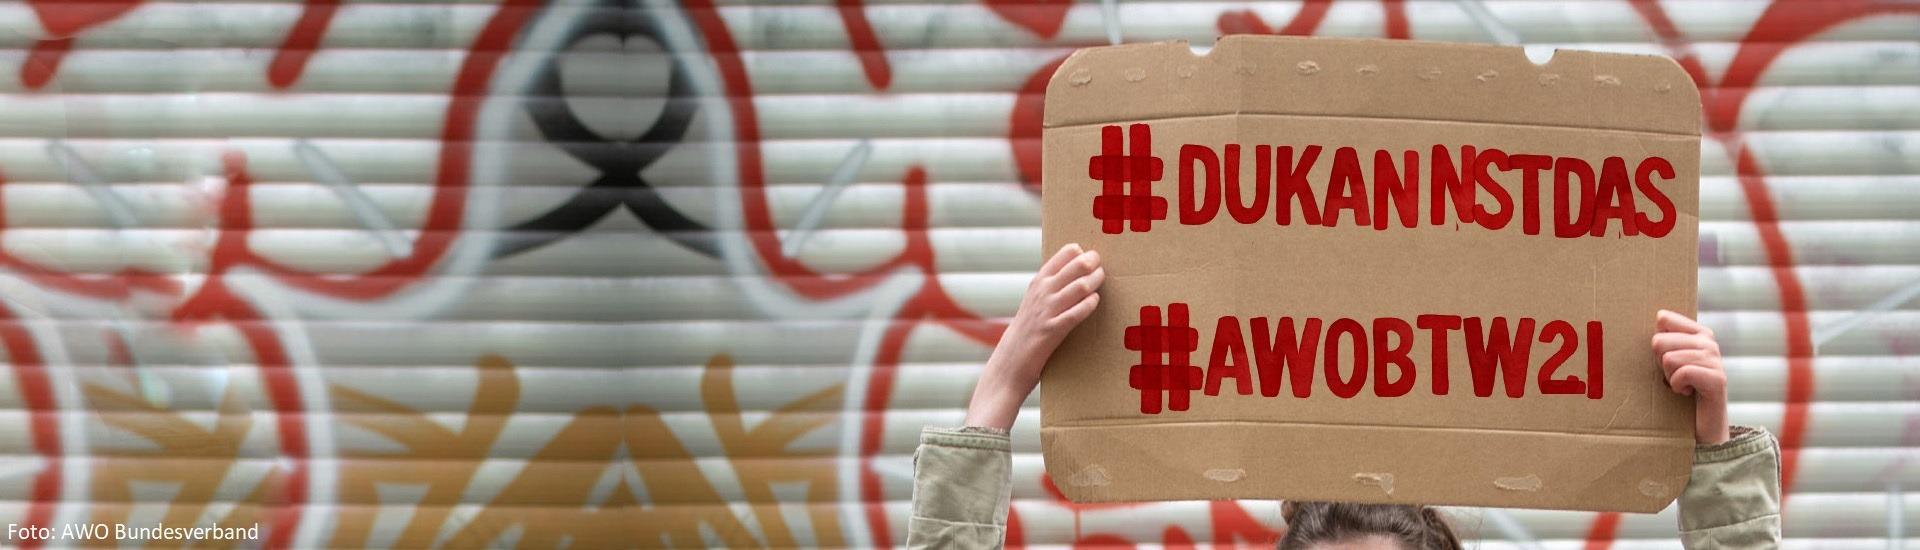 Jemand hält ein Pappschild mit den Hashtags #DuKannstDas und #AWOBTW21 hoch